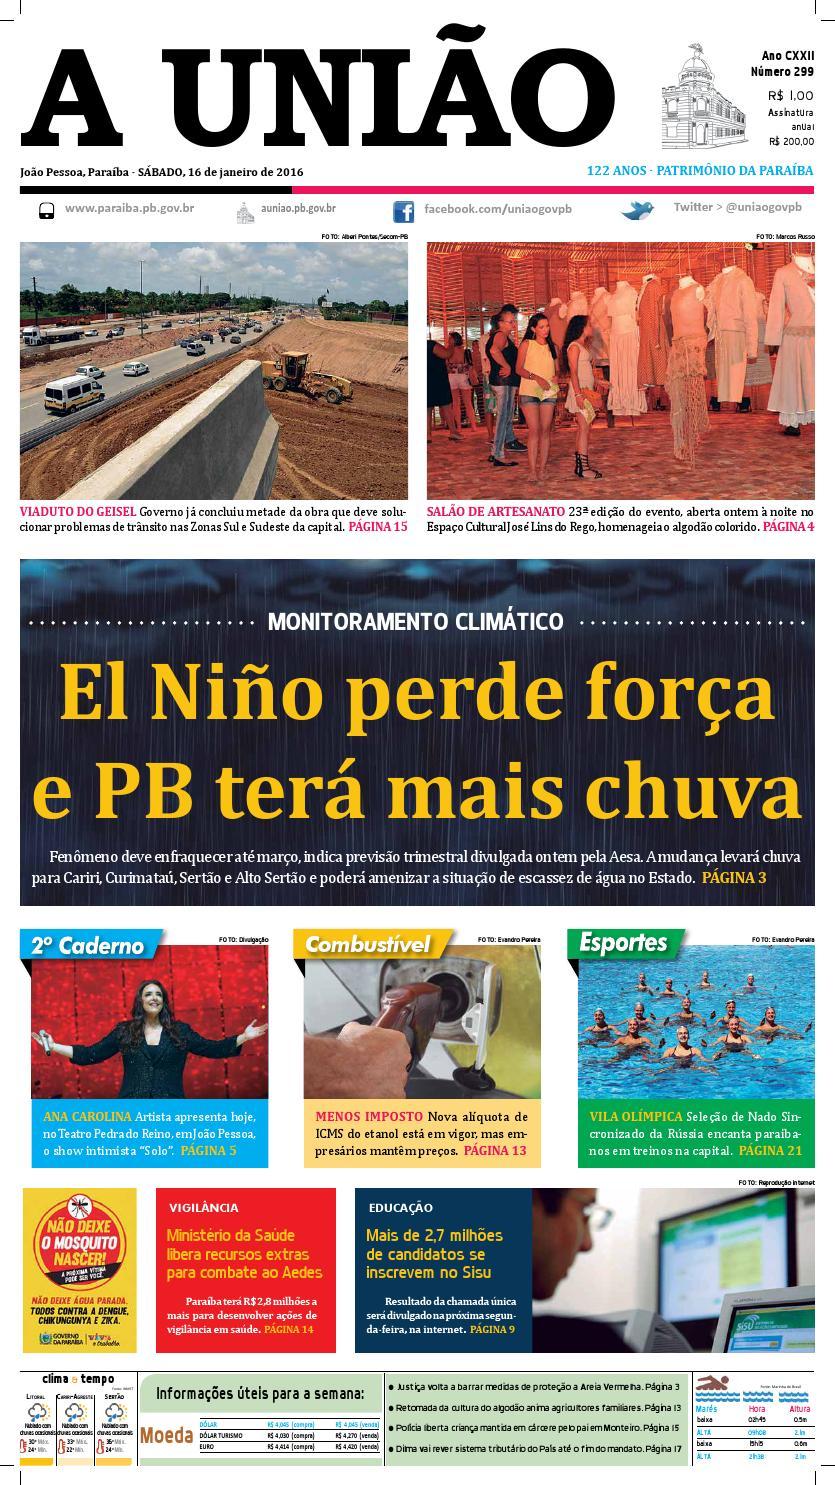 fde3a395910 Jornal A União 16 01 16 by Jornal A União - issuu